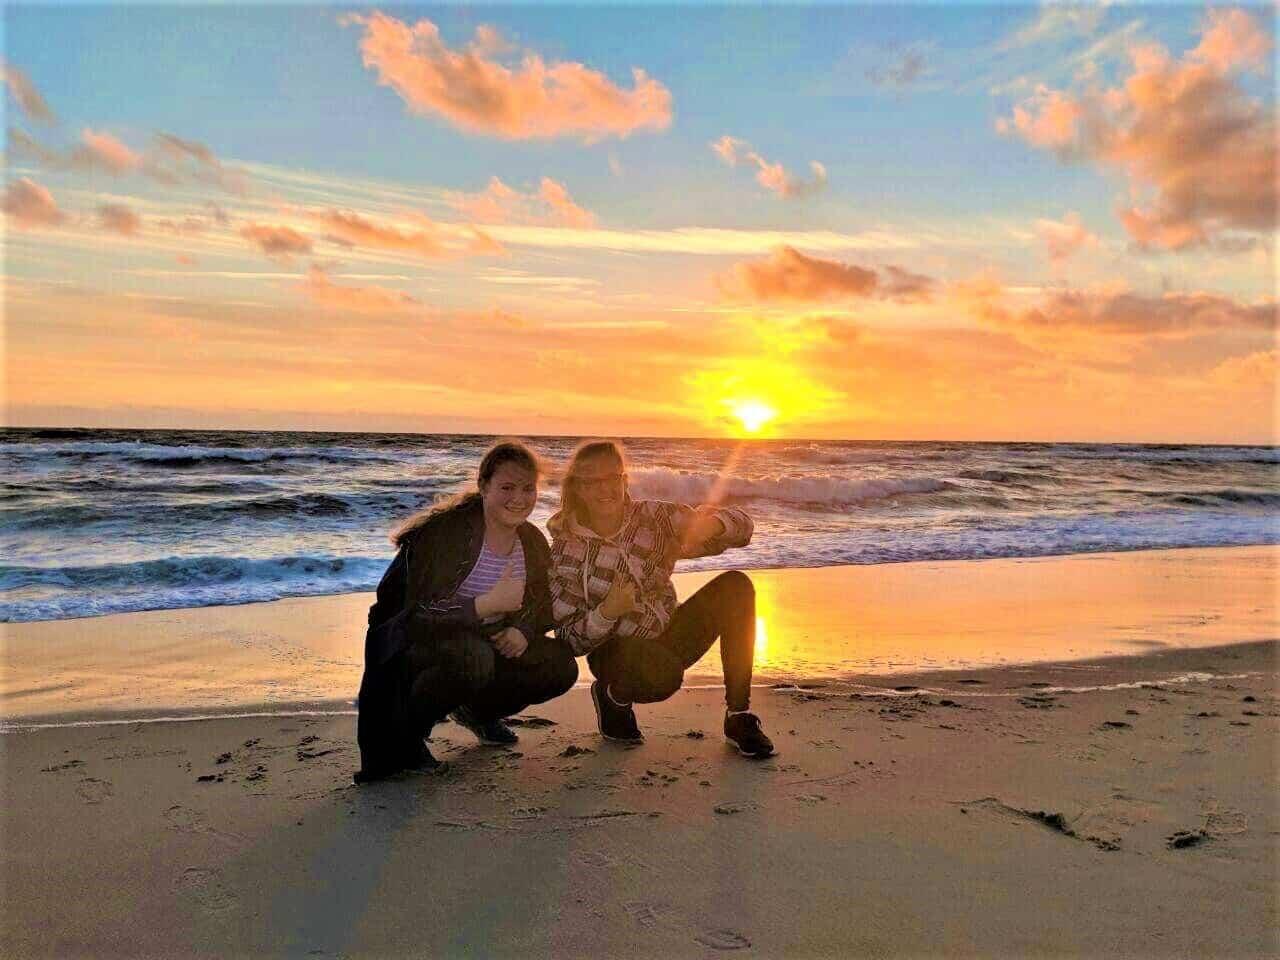 In der Bildmitte sieht man uns (die beiden Lilliys) hockend am Strand nahe des Wassers. Im Hintergrund ist ein Sonnenuntergang. Das Bild ist auf einer Kegeljugendfreizeit auf Sylt entstanden.